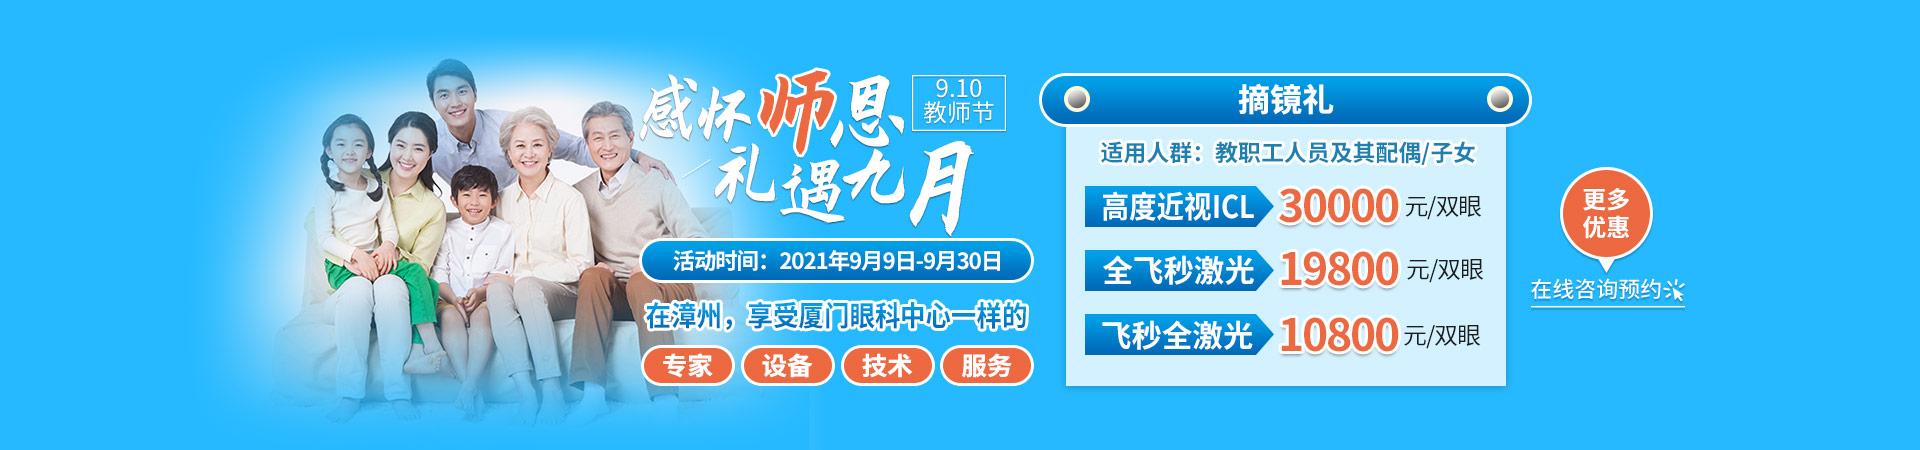 漳州教师节活动banner